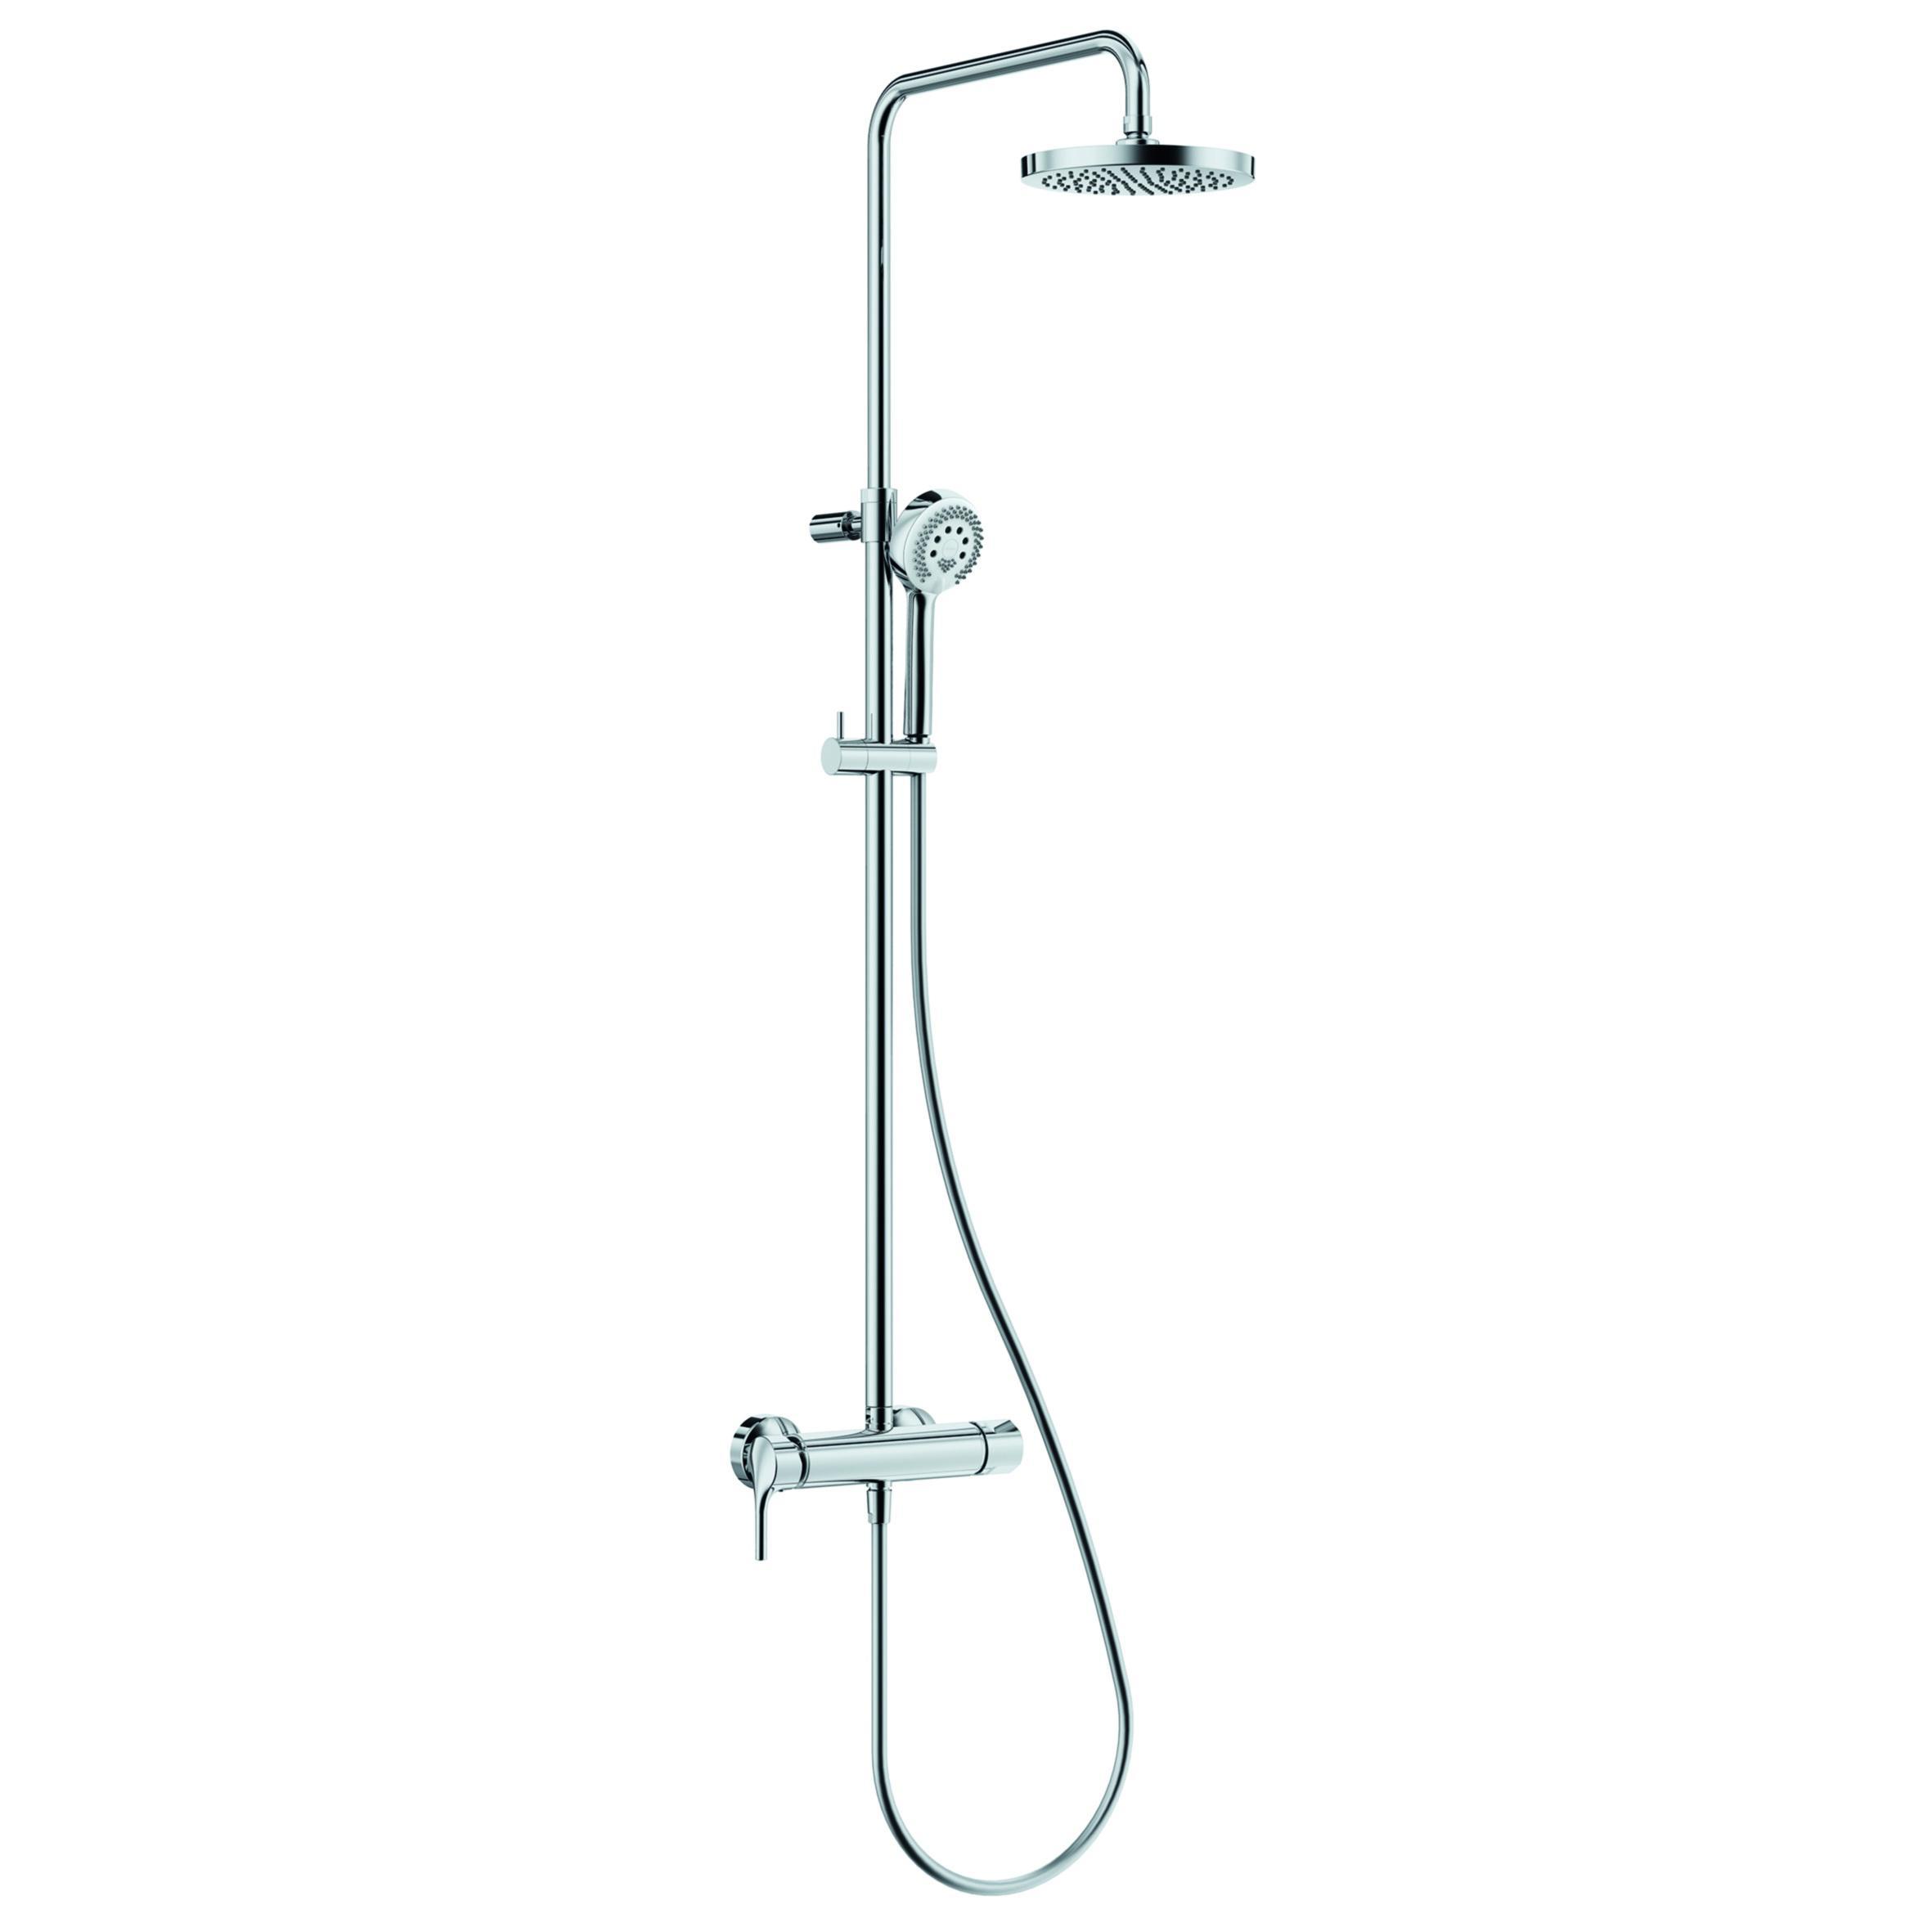 Душевой гарнитур Kludi Logo dual shower system 6808505-00 смеситель для кухни kludi logo neo 379130575